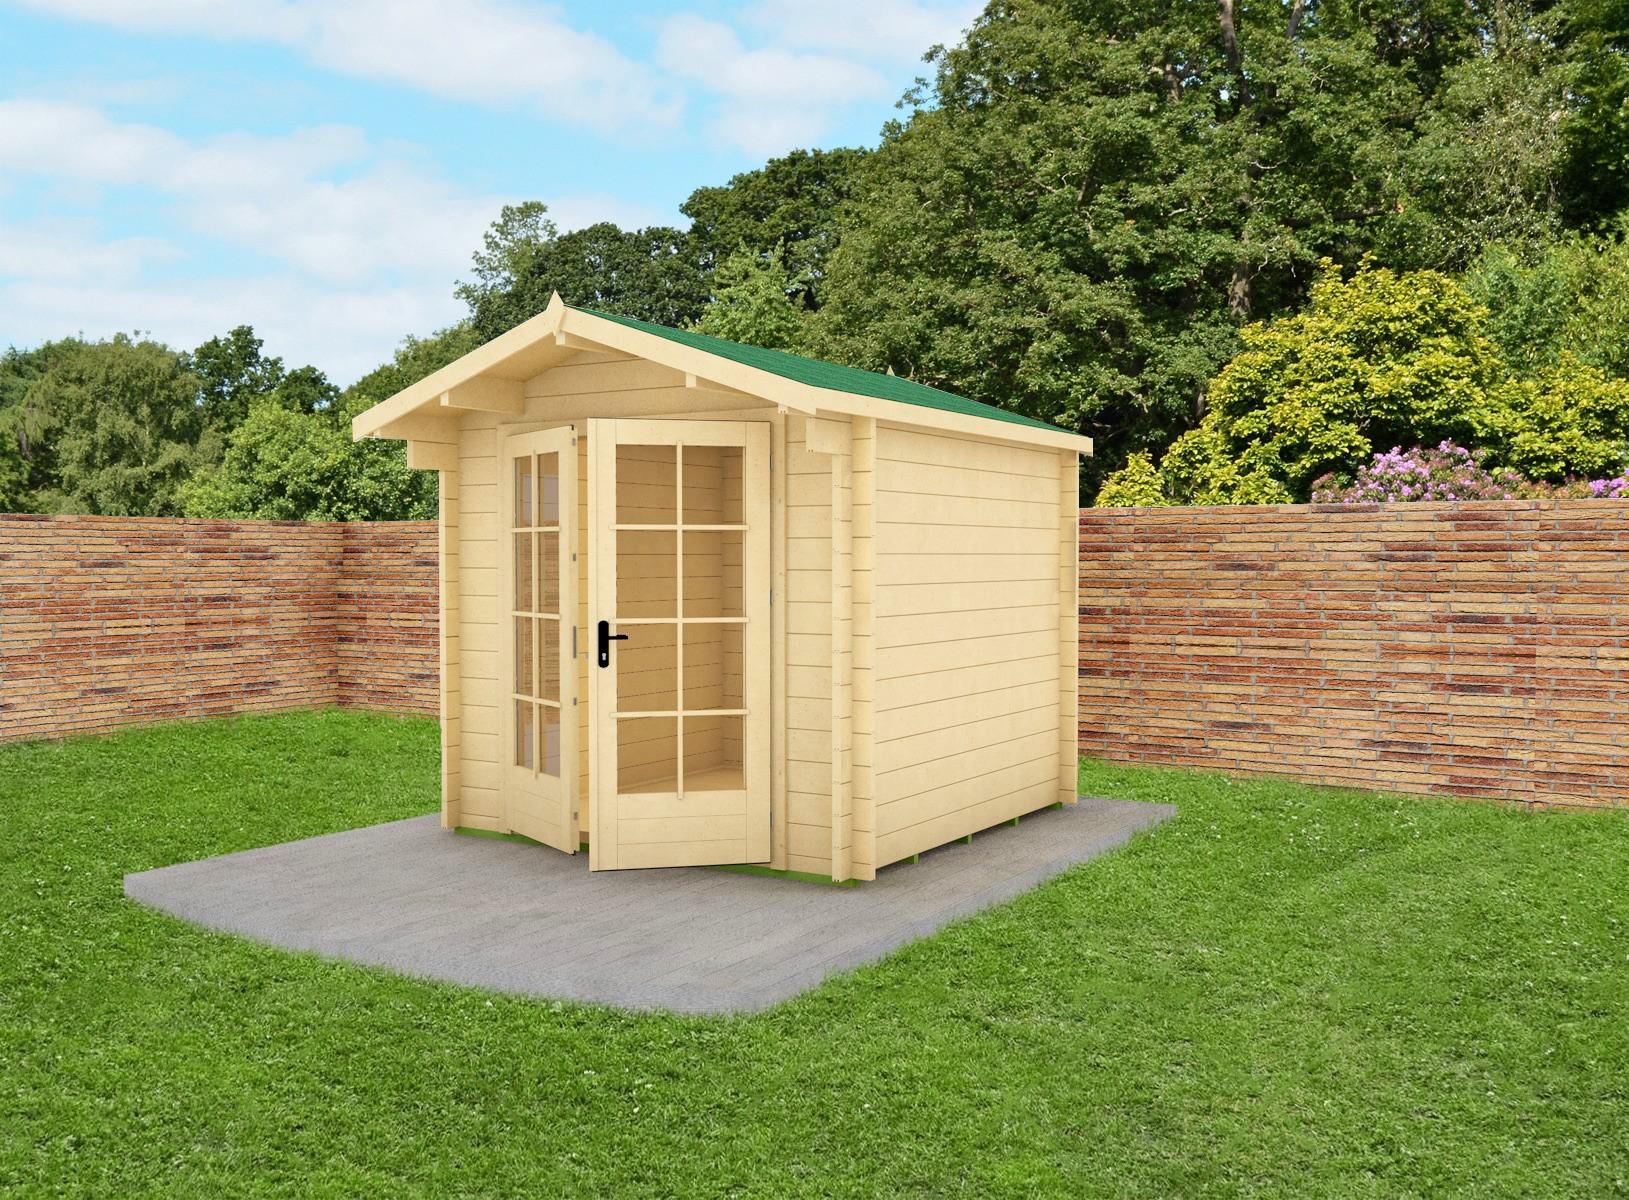 Mod napoli casetta in legno 6 mq mama servizi s r l for Planimetrie semplici della casetta di legno